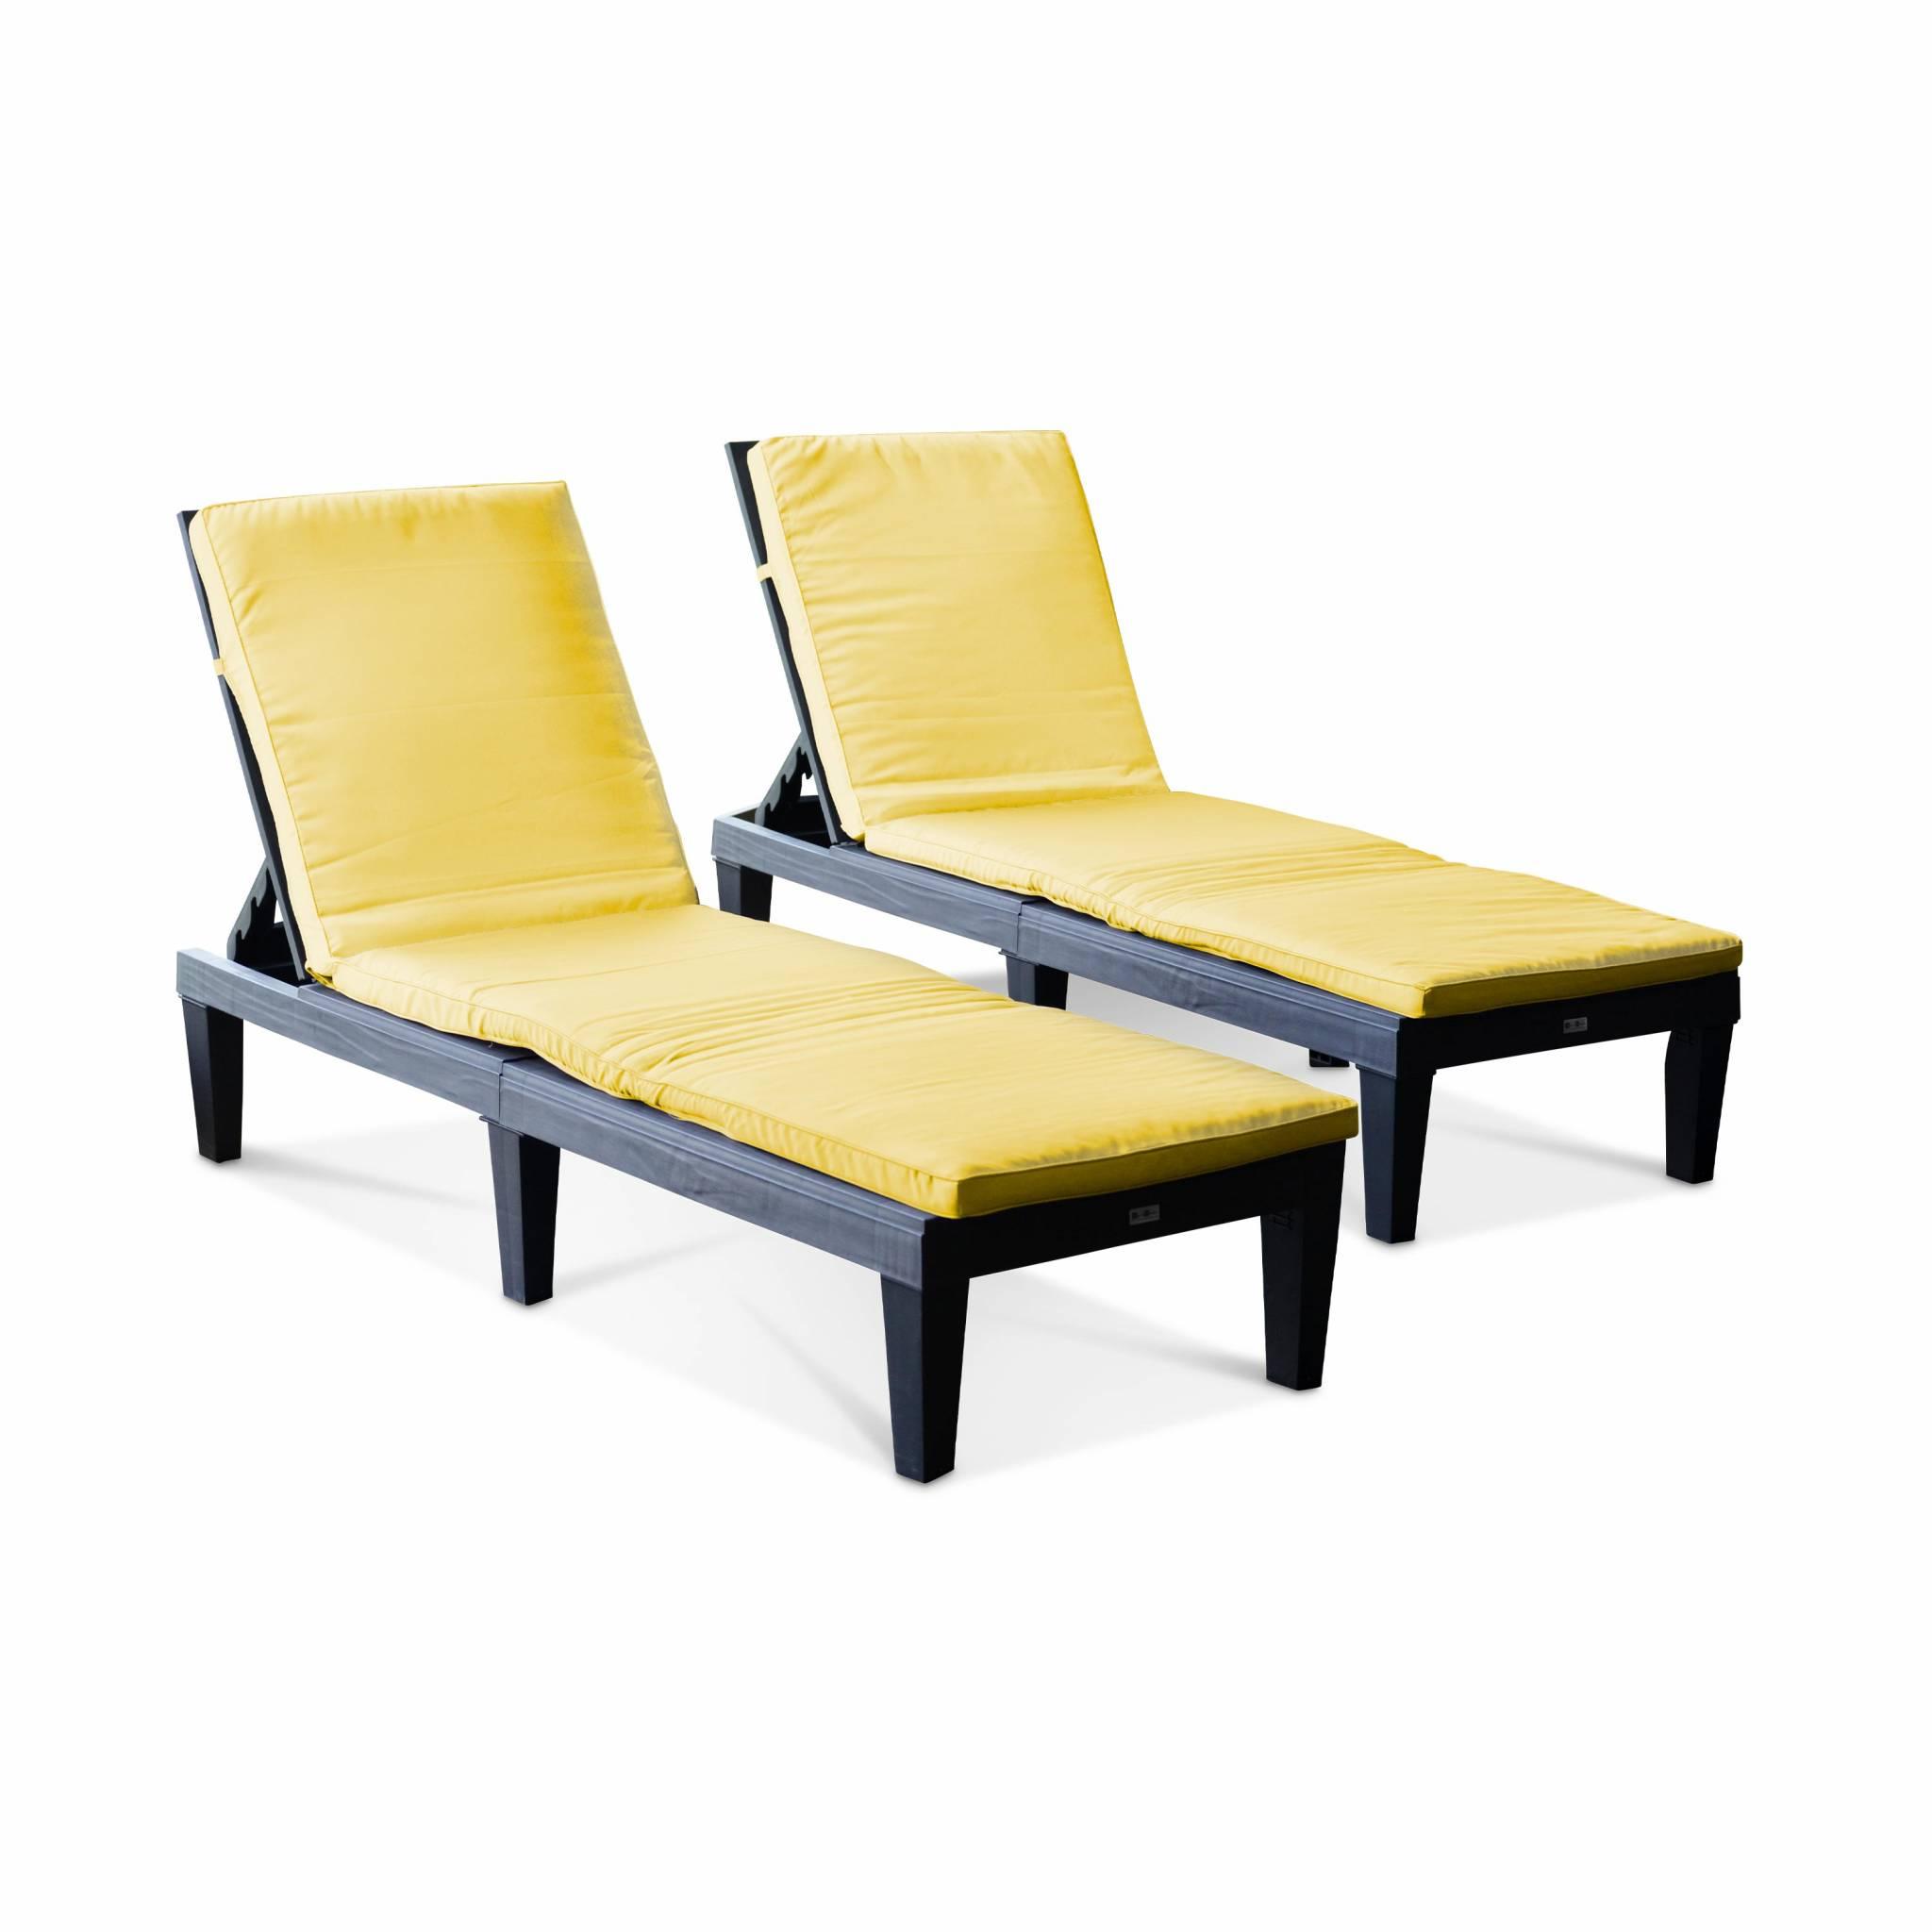 2 matelas de transat épais moutarde 188 x 55 cm